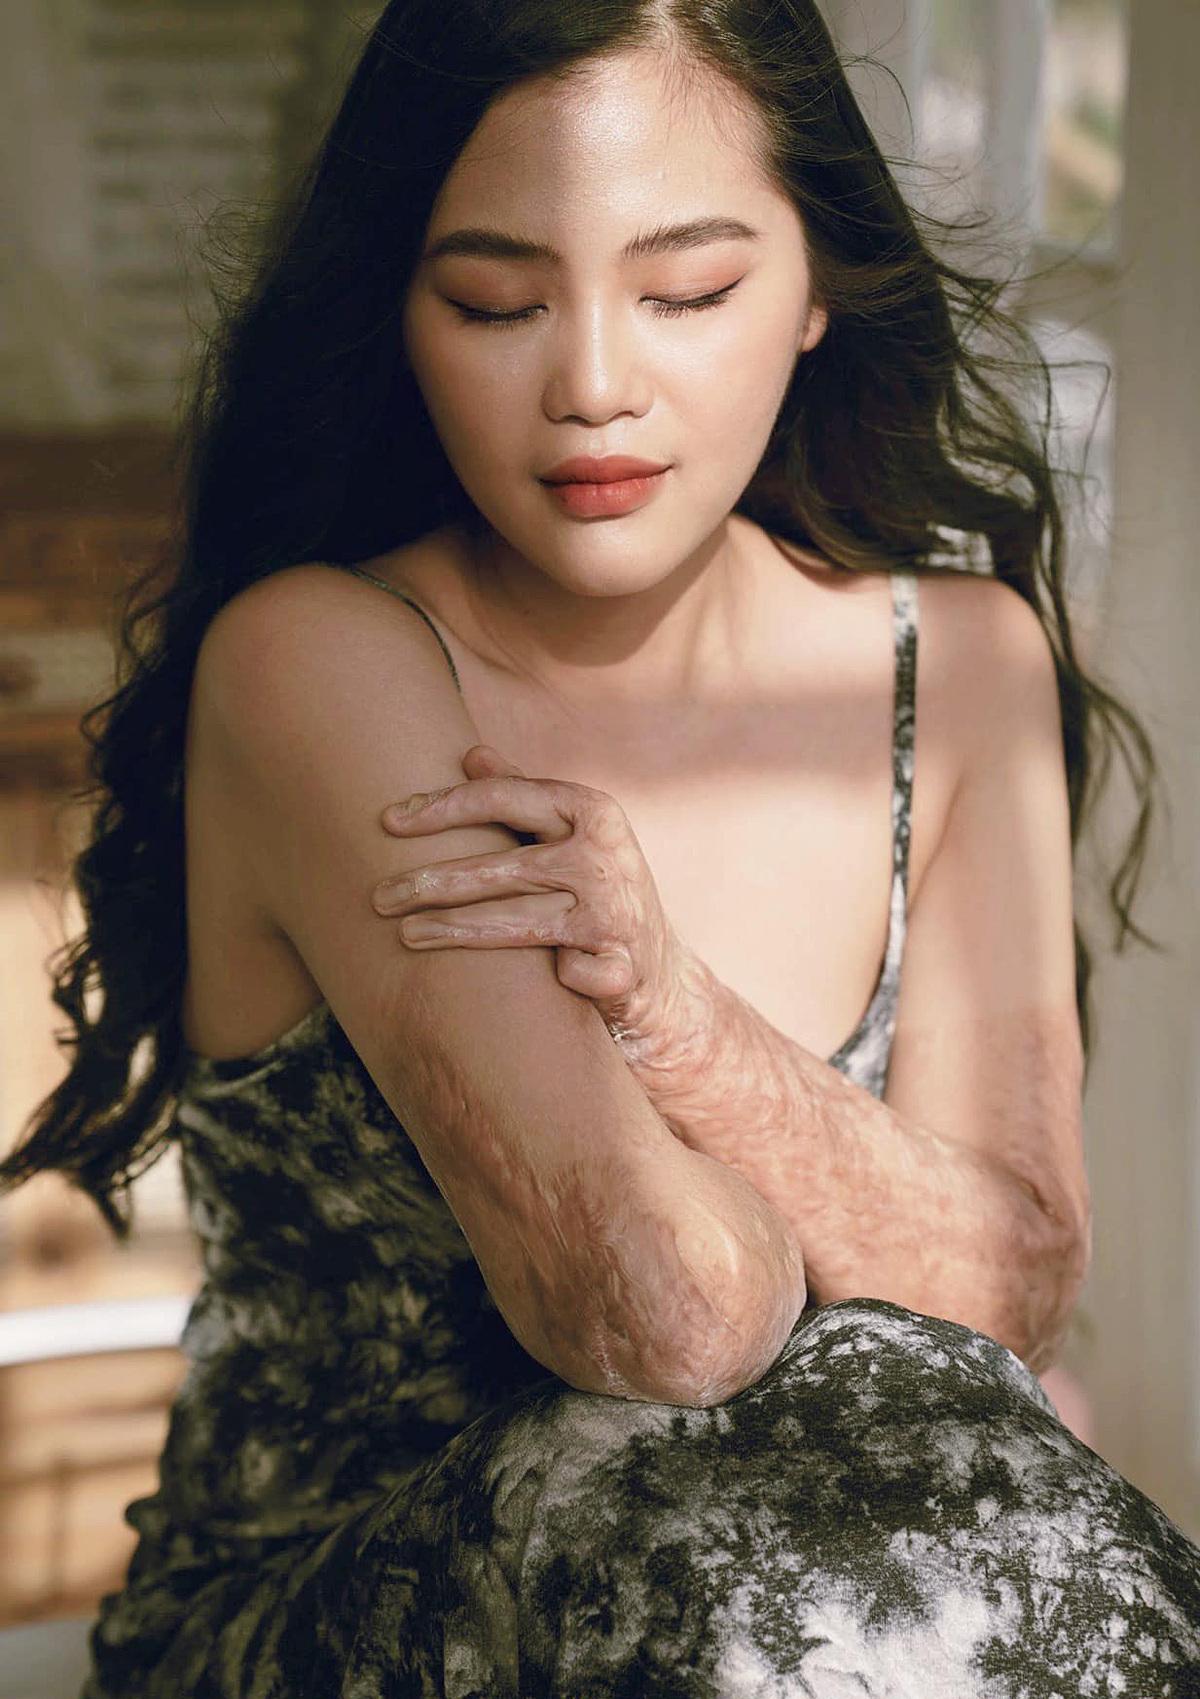 Lý Đài Trang của hiện tại với những vết sẹo bỏng trên da.